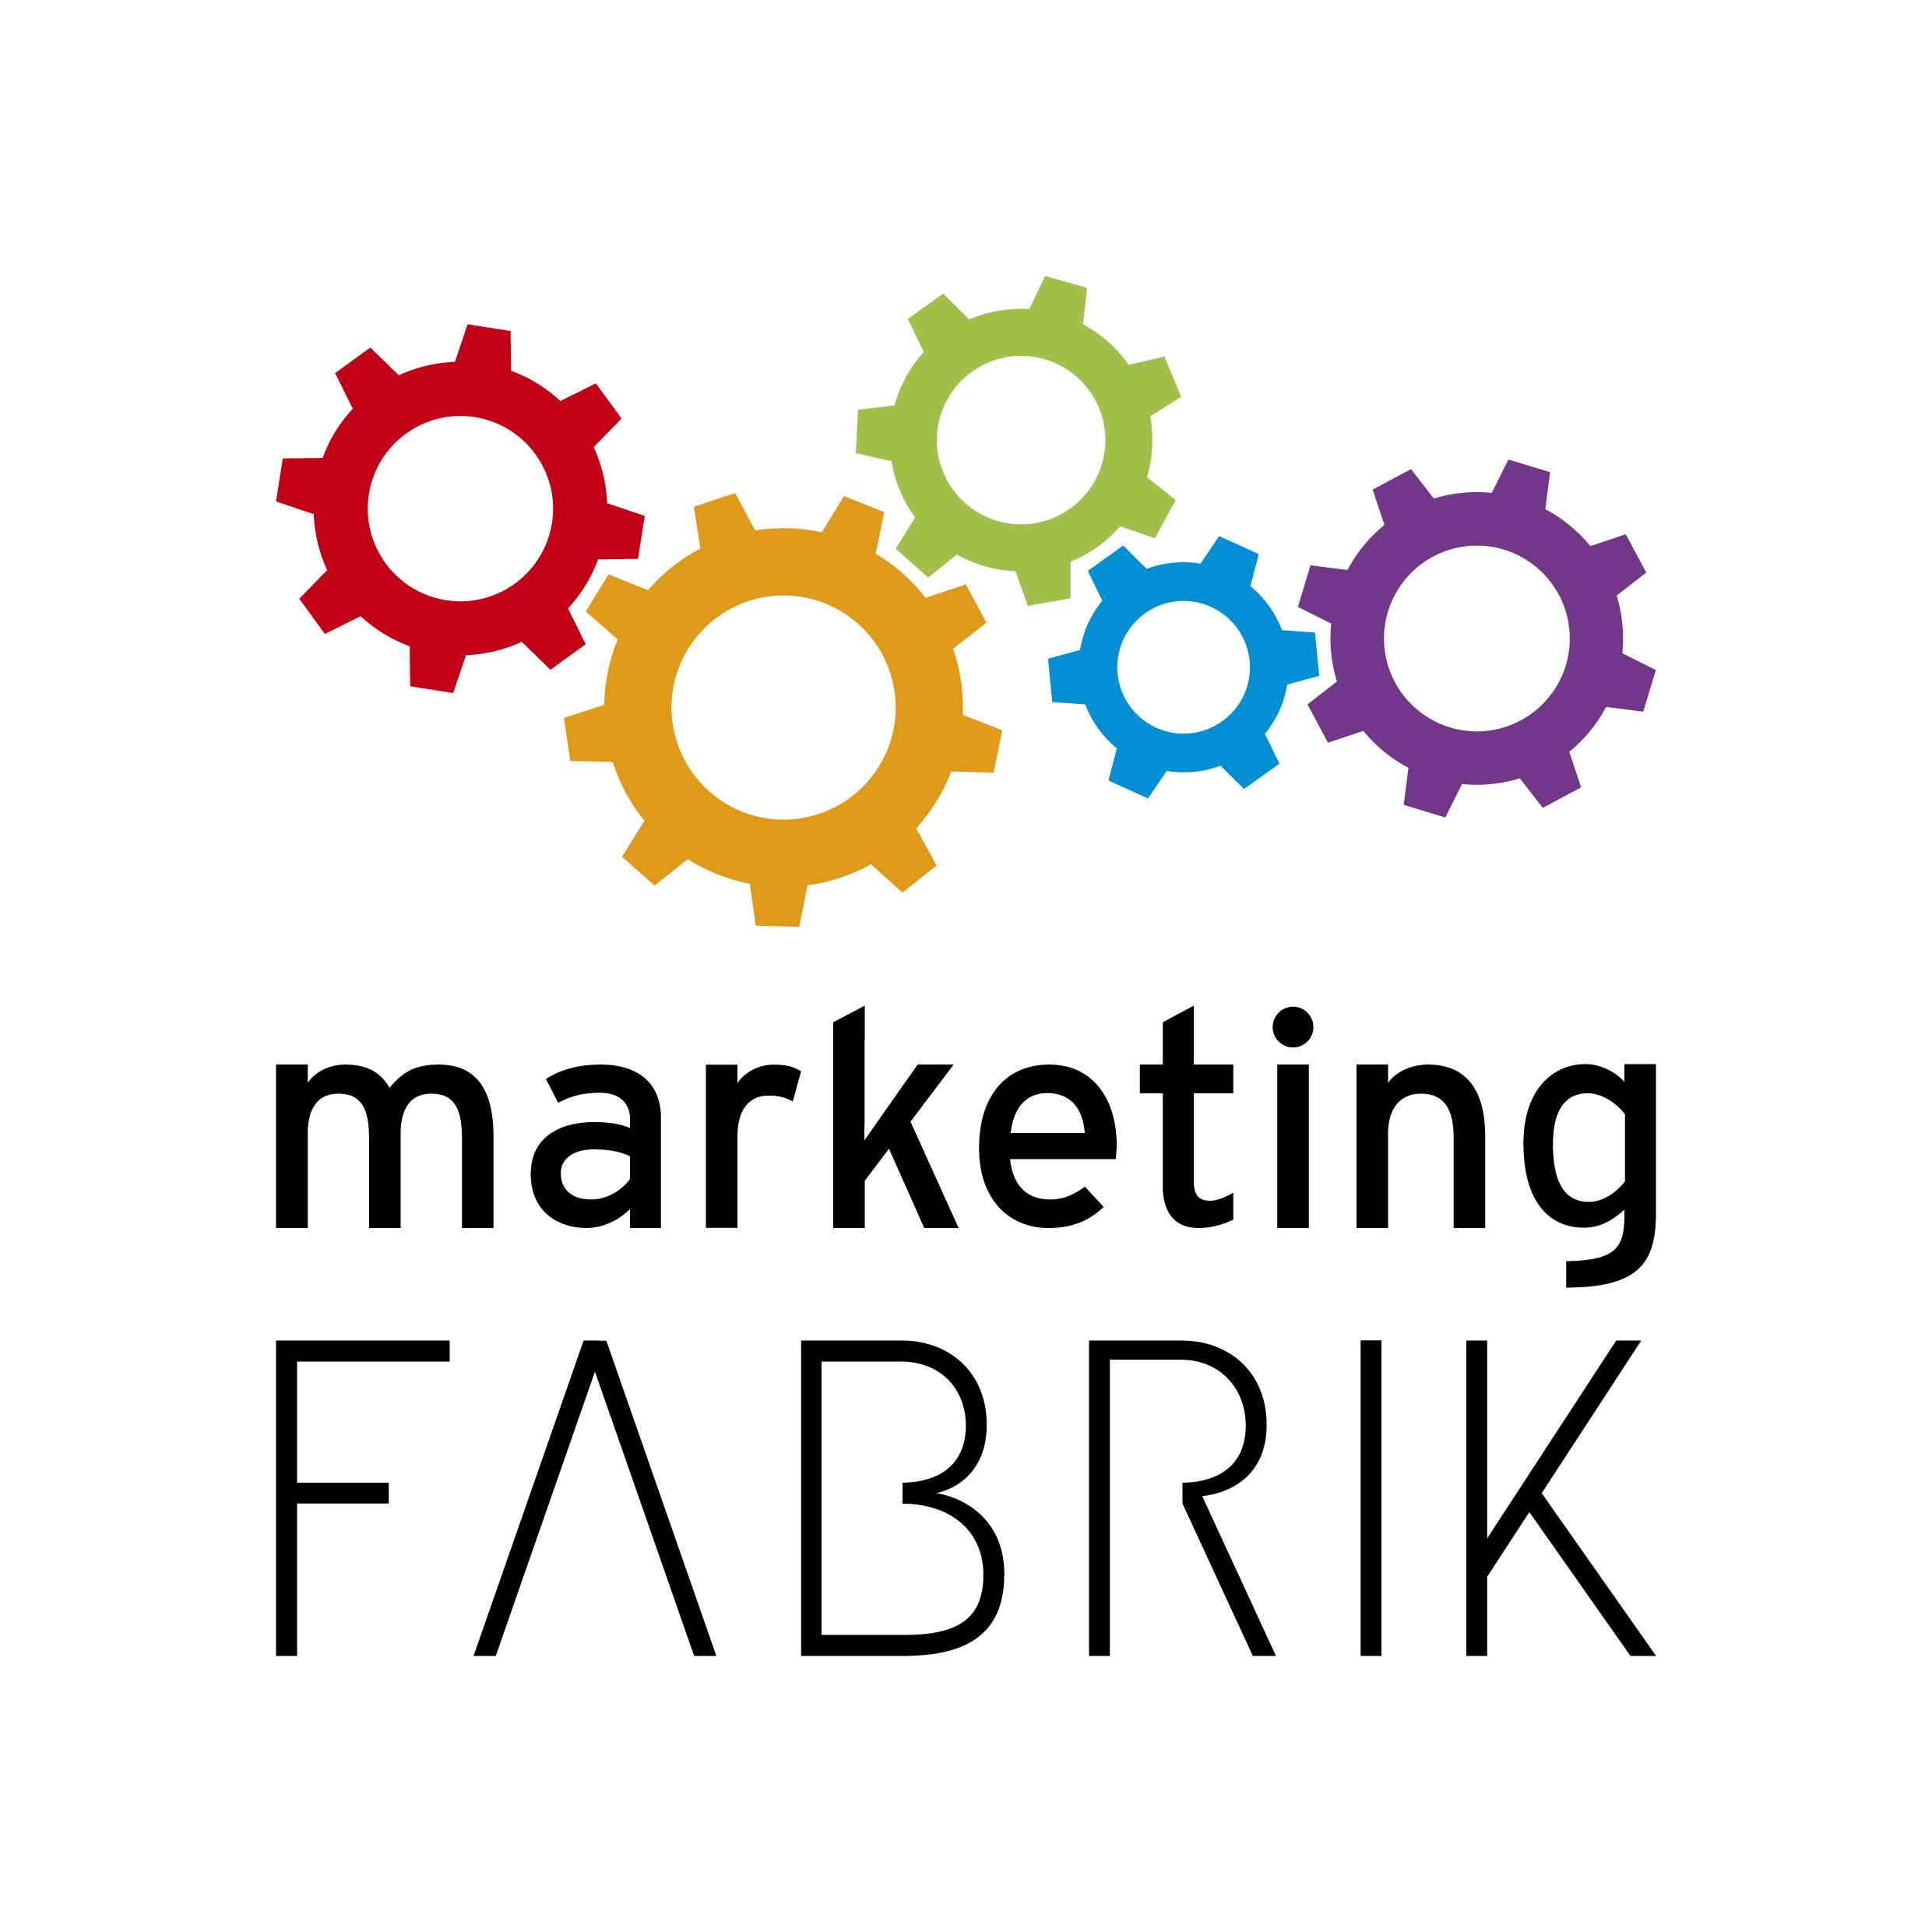 MF_Logo_RGB_Wortbildmarke_bunt_aufwei·A4_300ppi.jpg